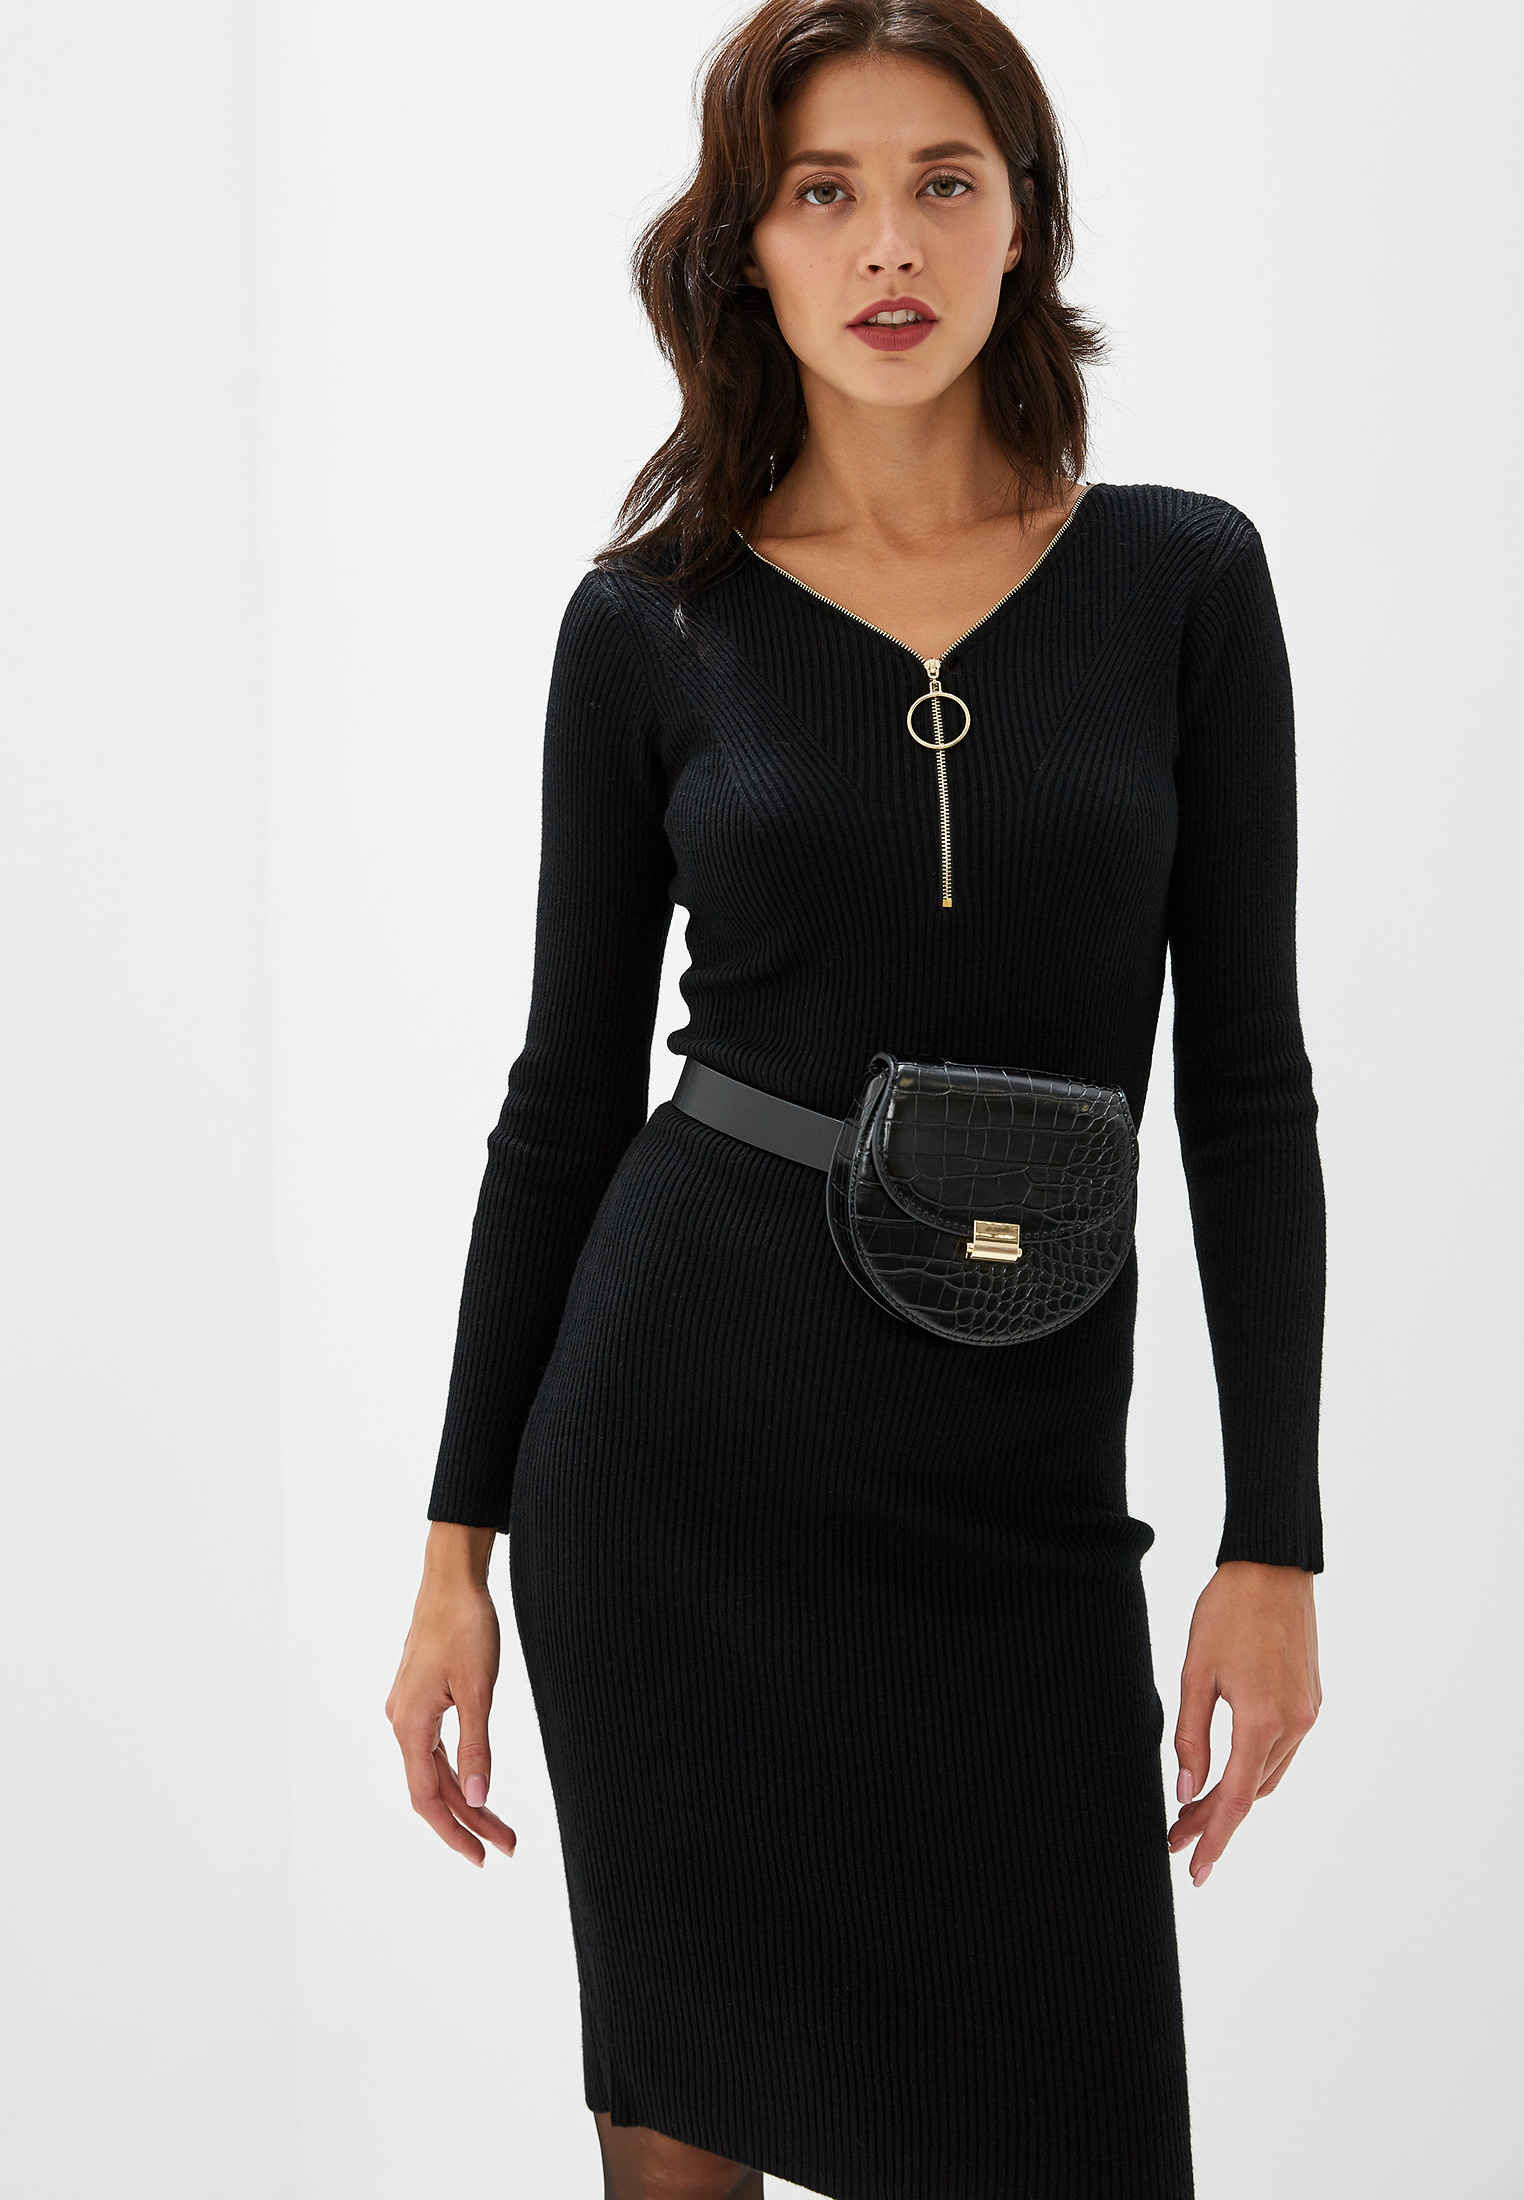 Вязаное платье Izabella IZ5452-5